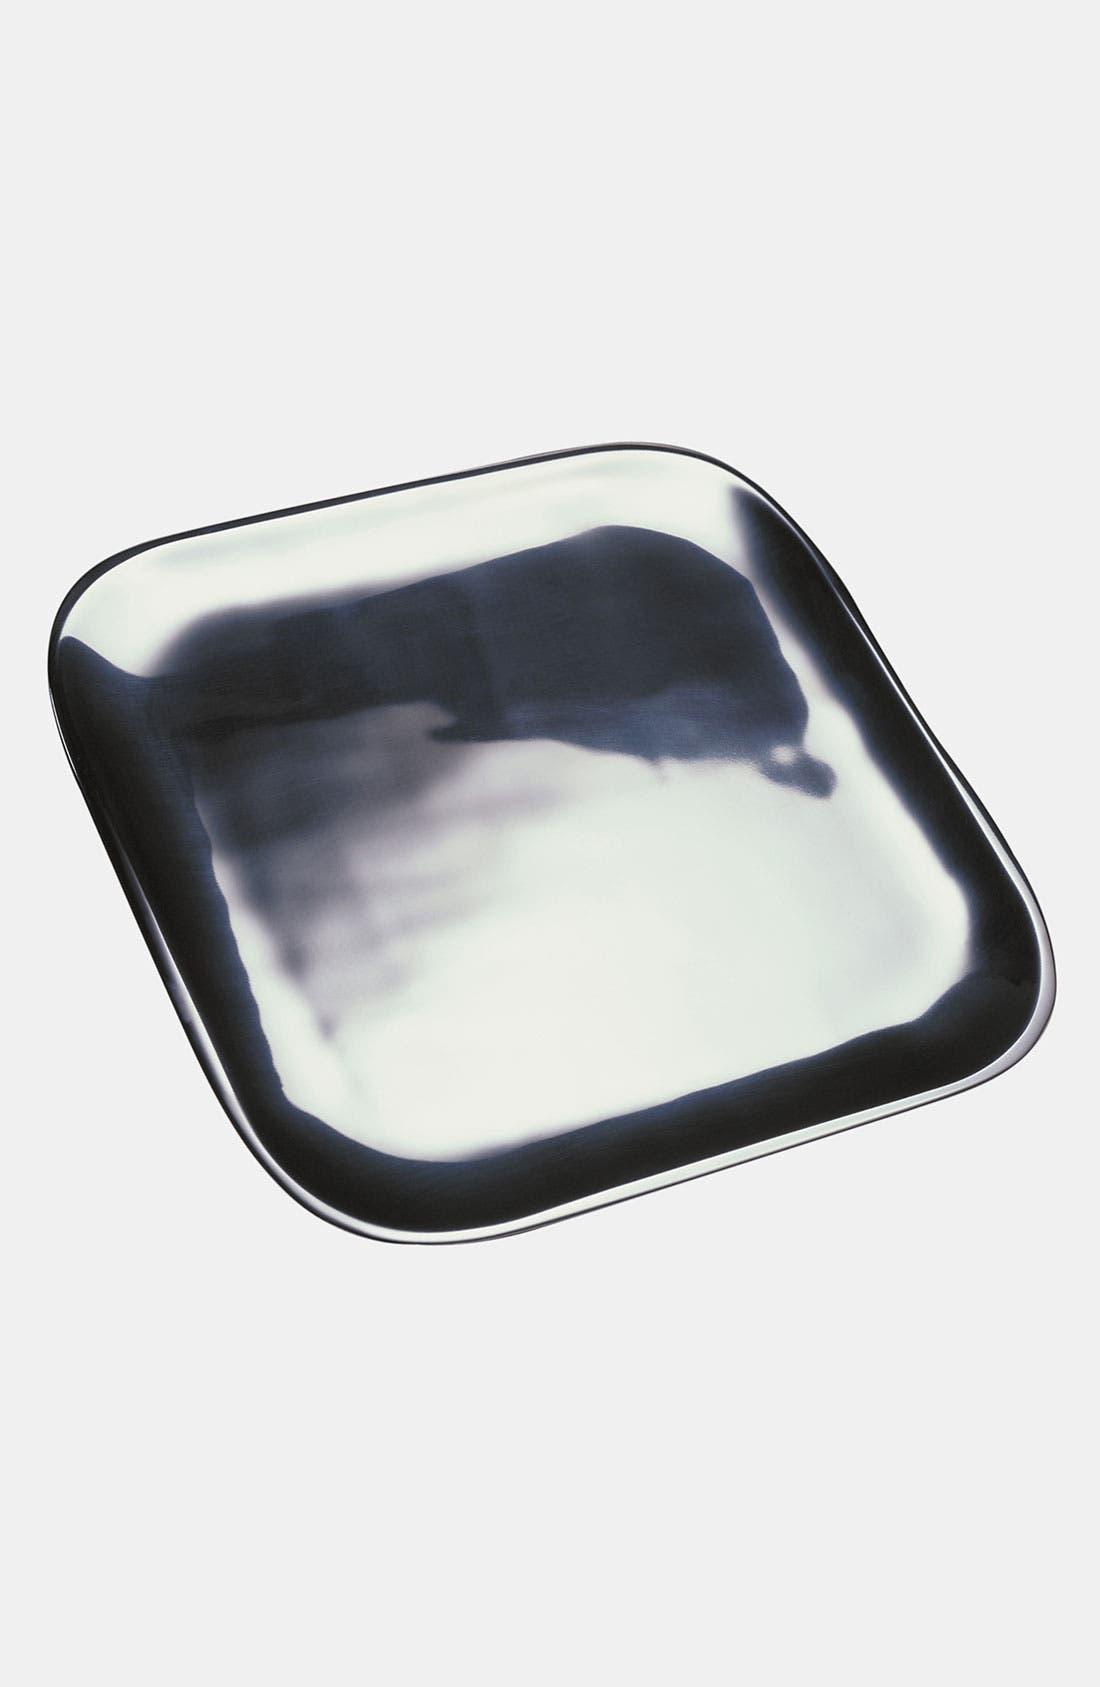 Main Image - Nambé Square Platter